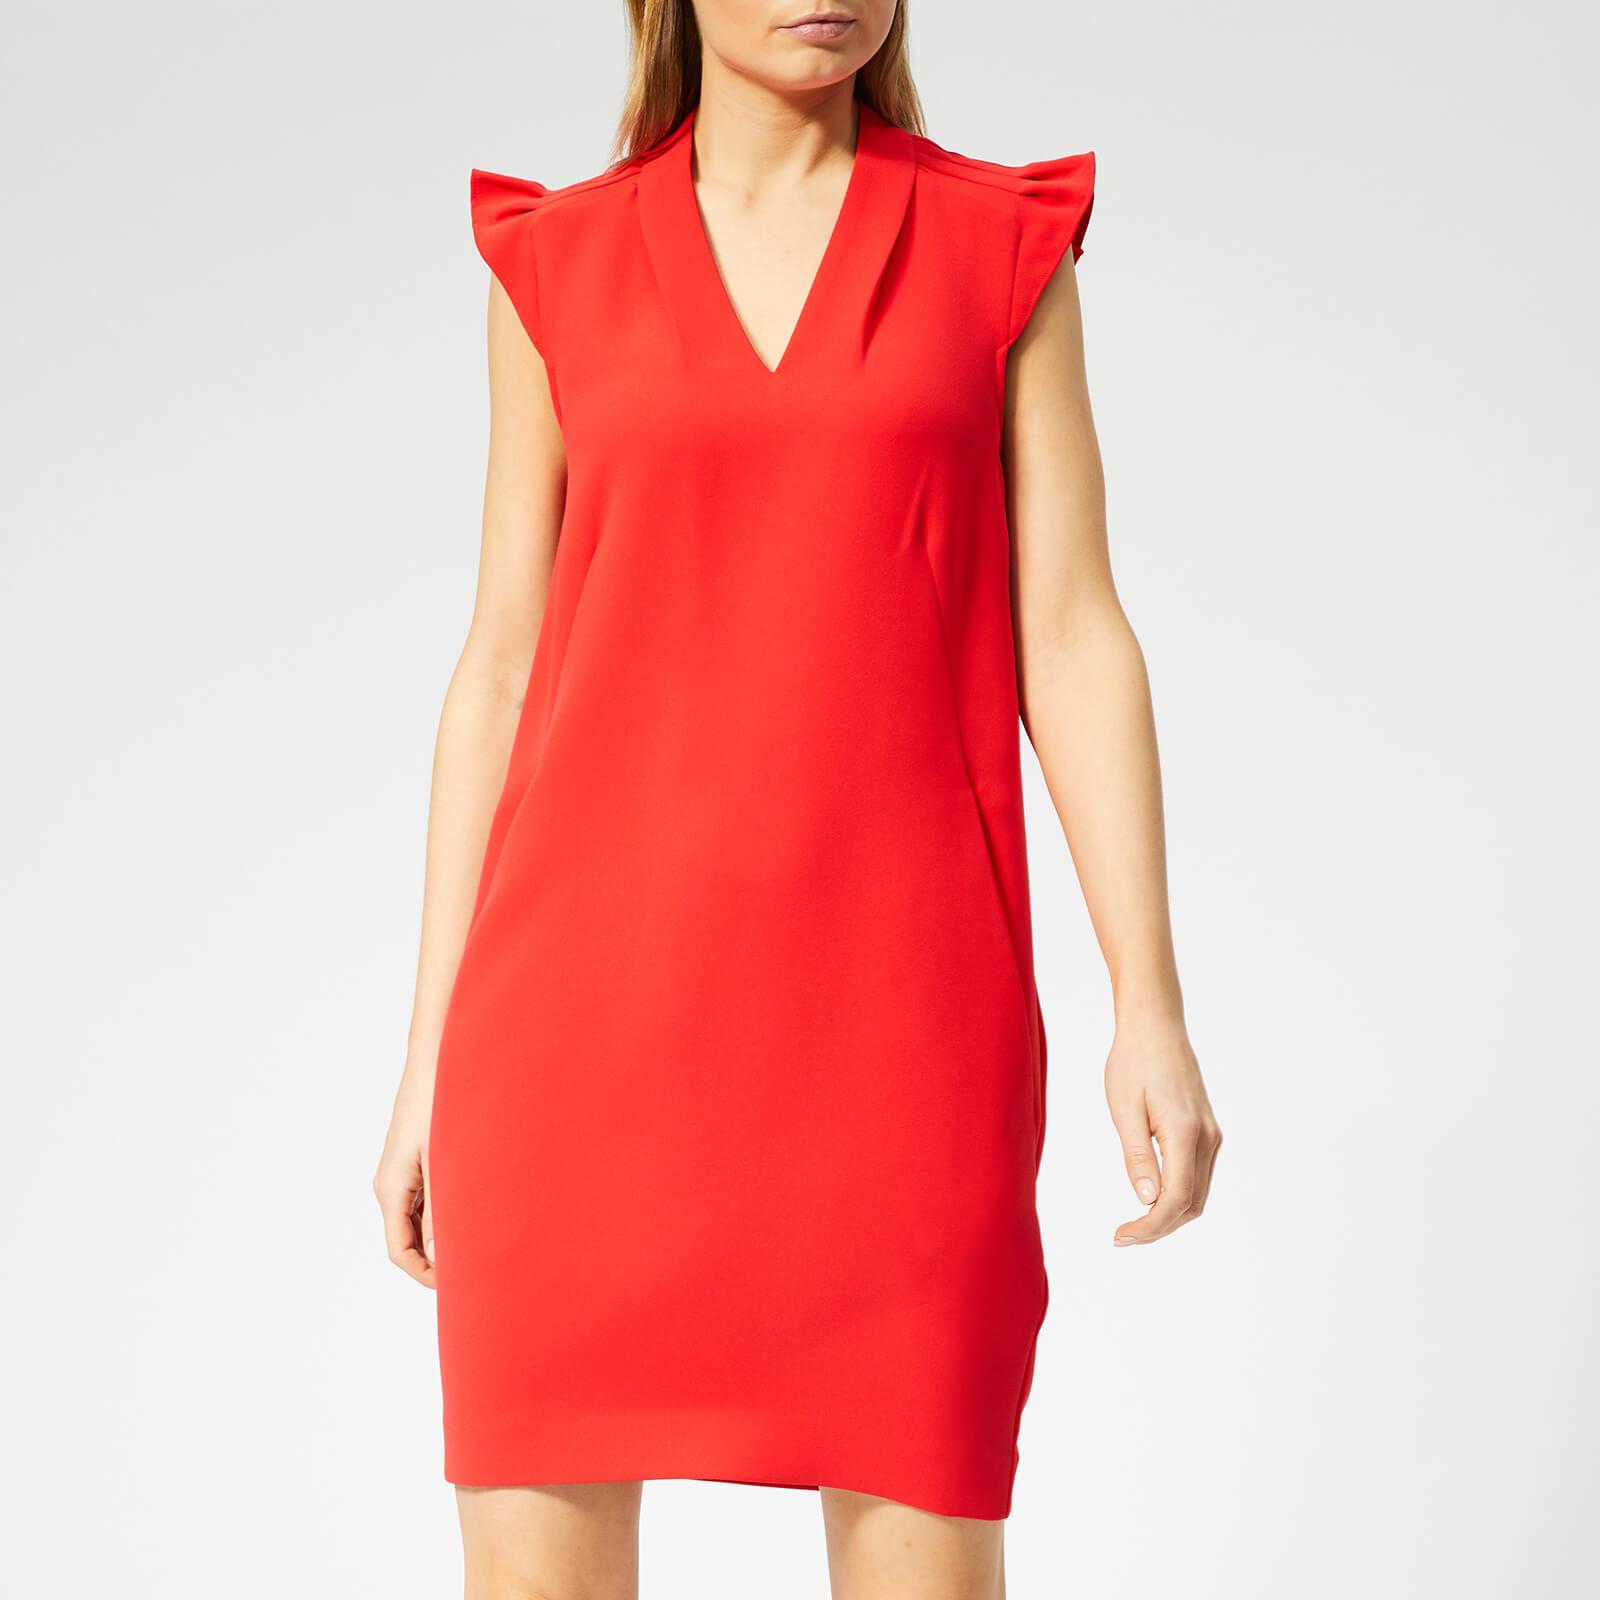 Whistles Women's Safia Crepe Dress - Red - UK 6 - Red